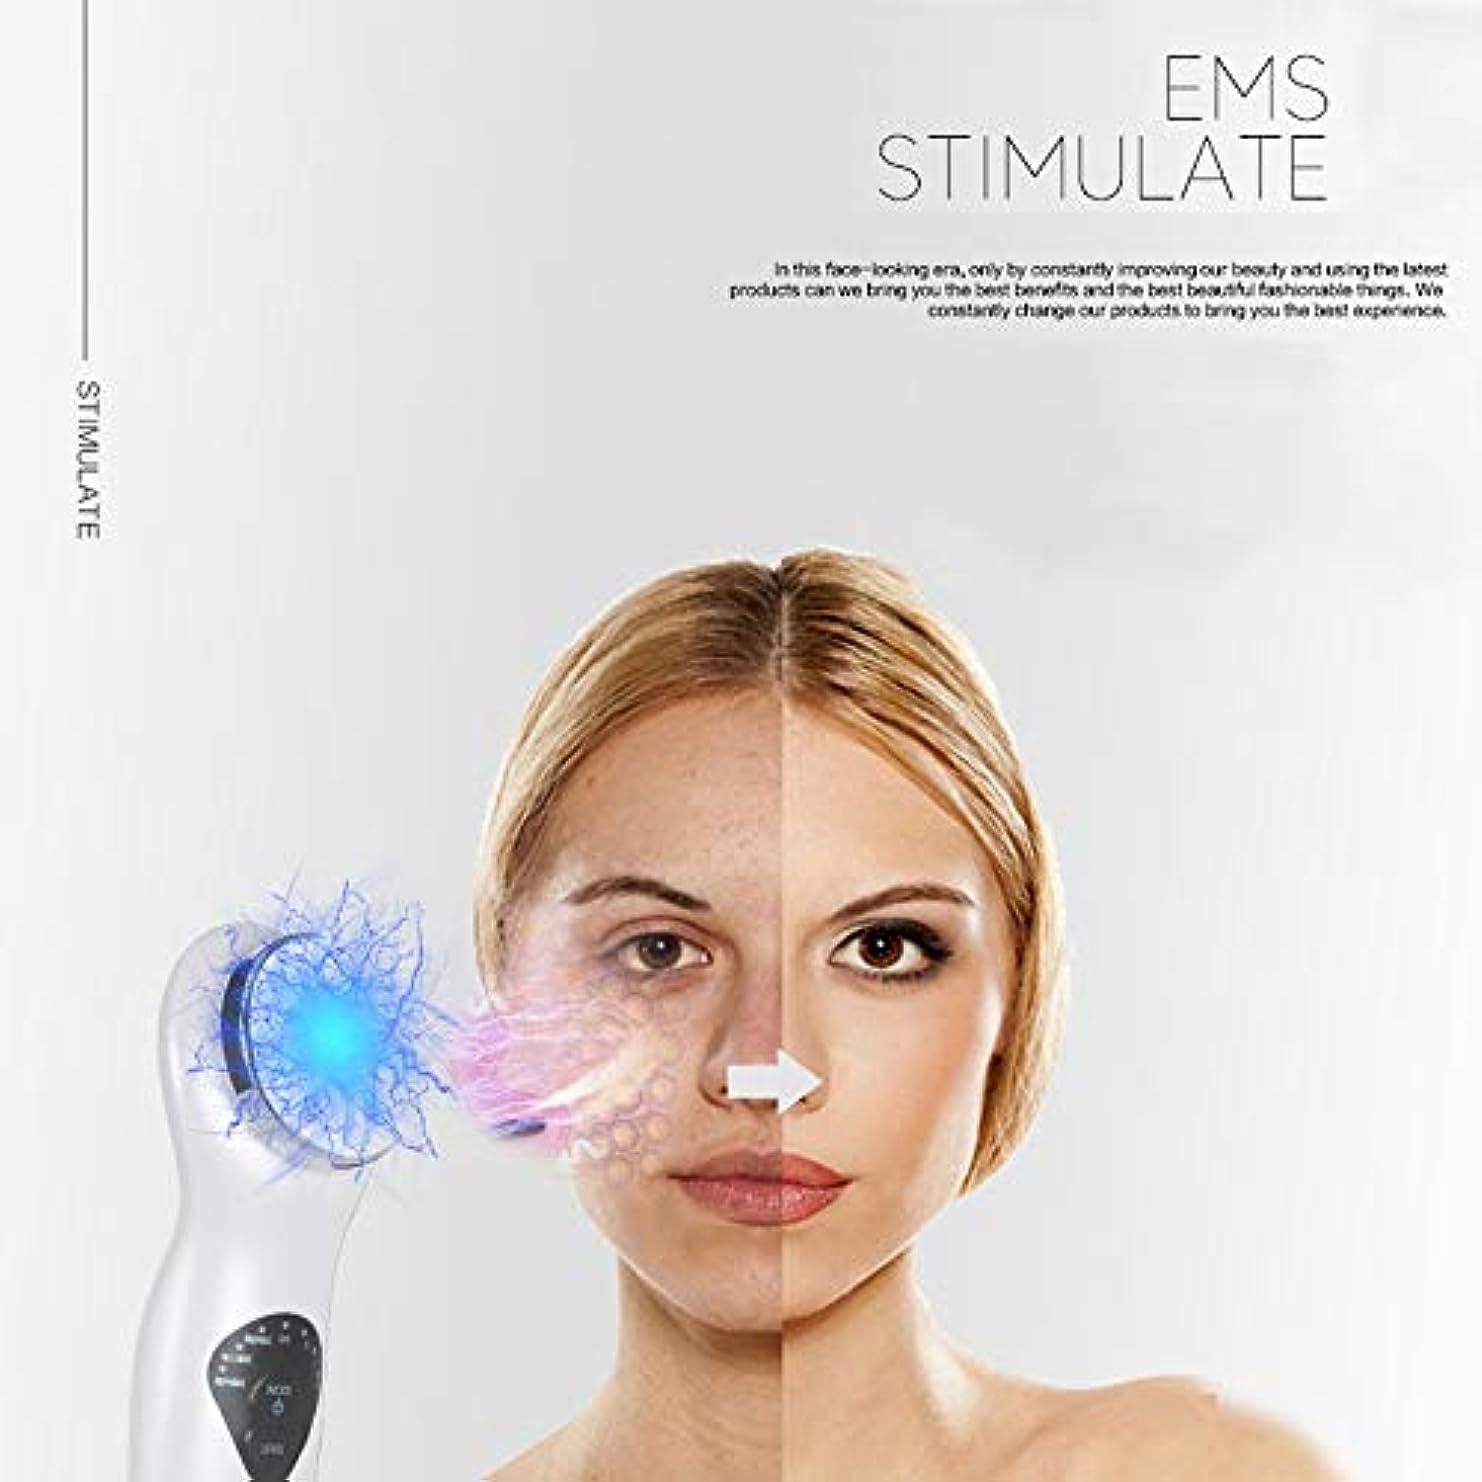 超音波美容機器、EMSフェイシャルトーニングデバイス、マイクロカレントフェイシャルトーニングデバイス、フェイスリフトマシンスキンファーミングデバイス